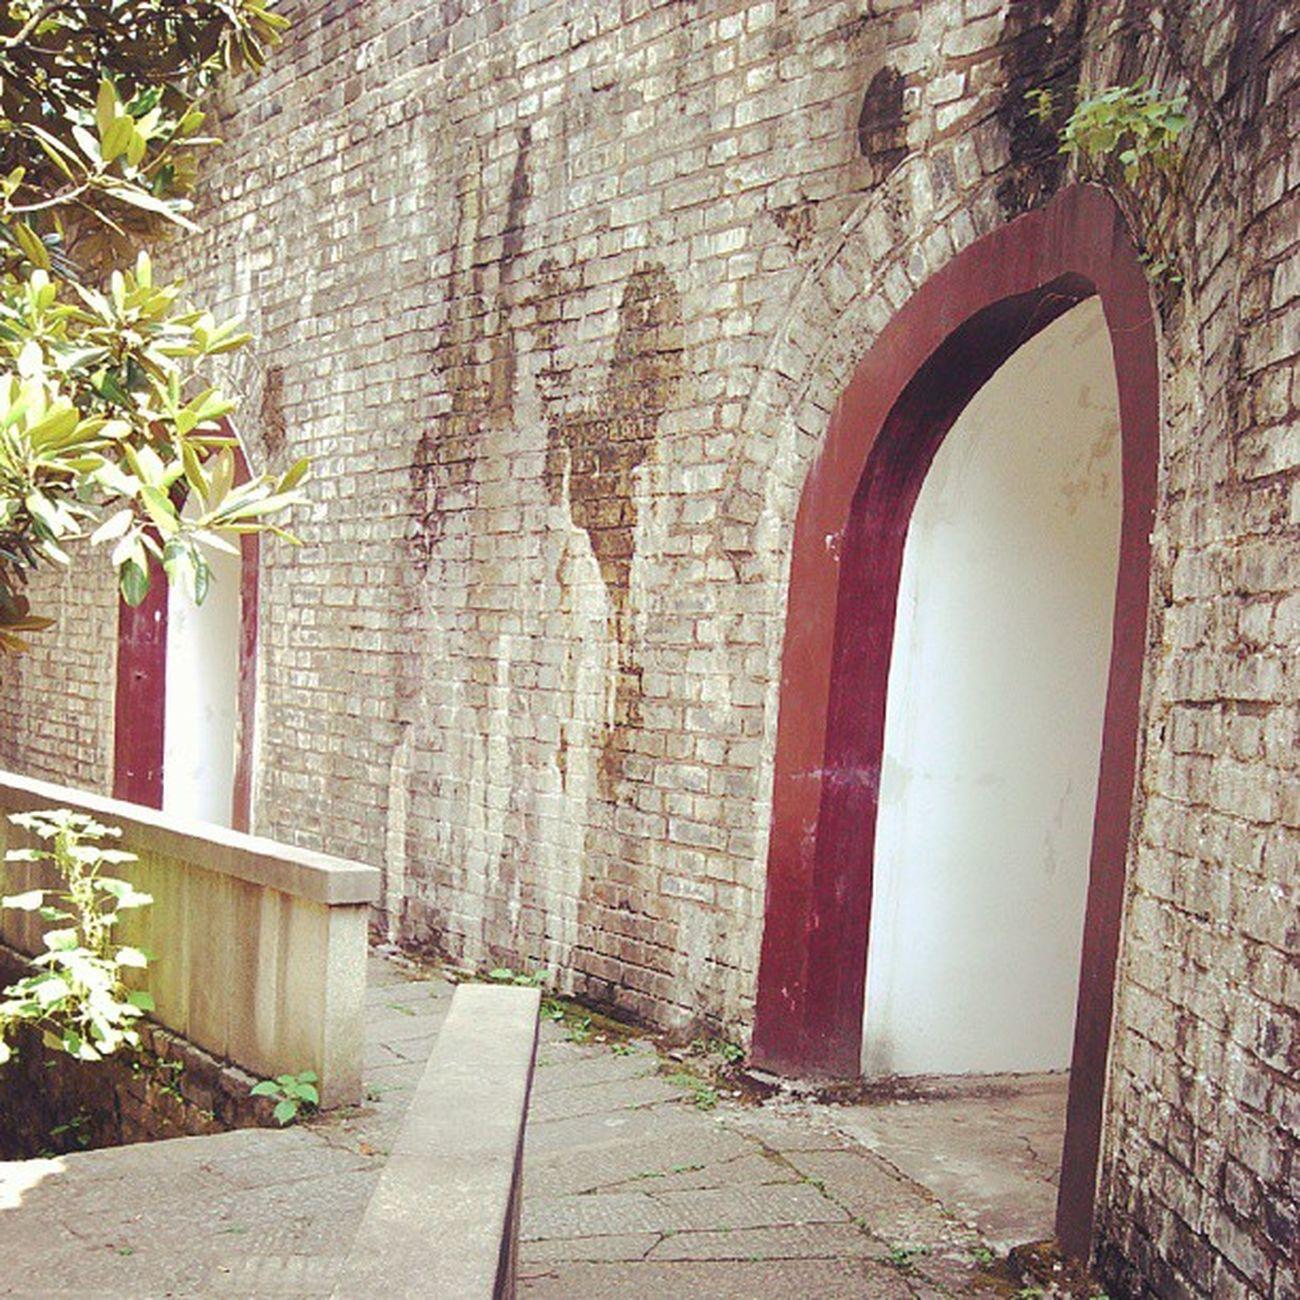 这几个小房间叫月城,形状似半个月亮而得名,古代用来囤放兵勇和炮台的地方 Changsha